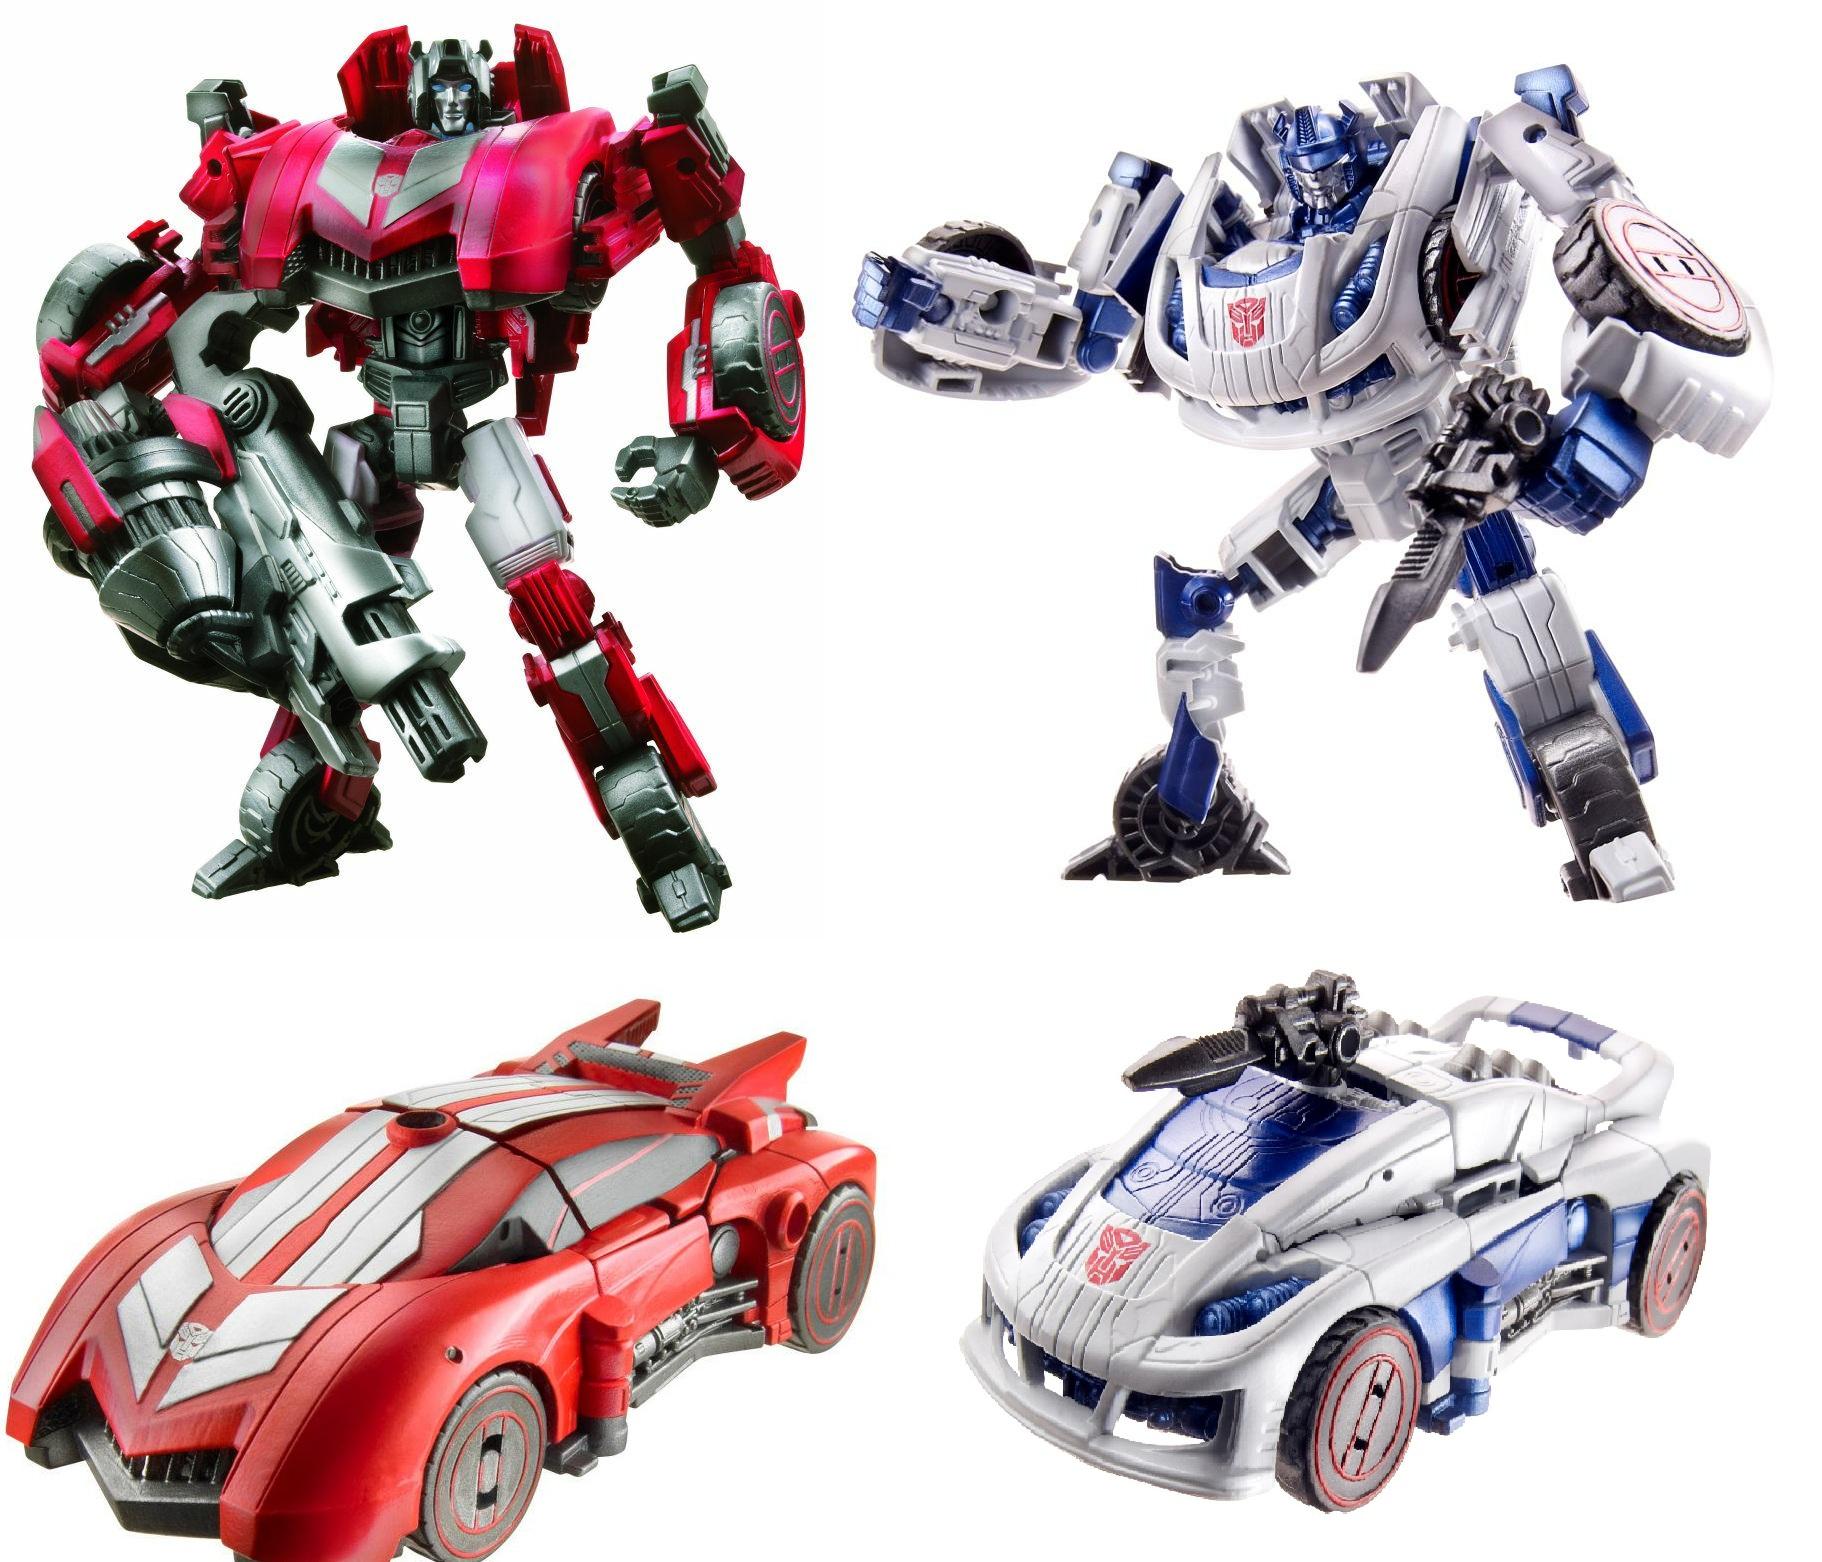 Transformers Fall of Cybertron Sideswipe and Jazz